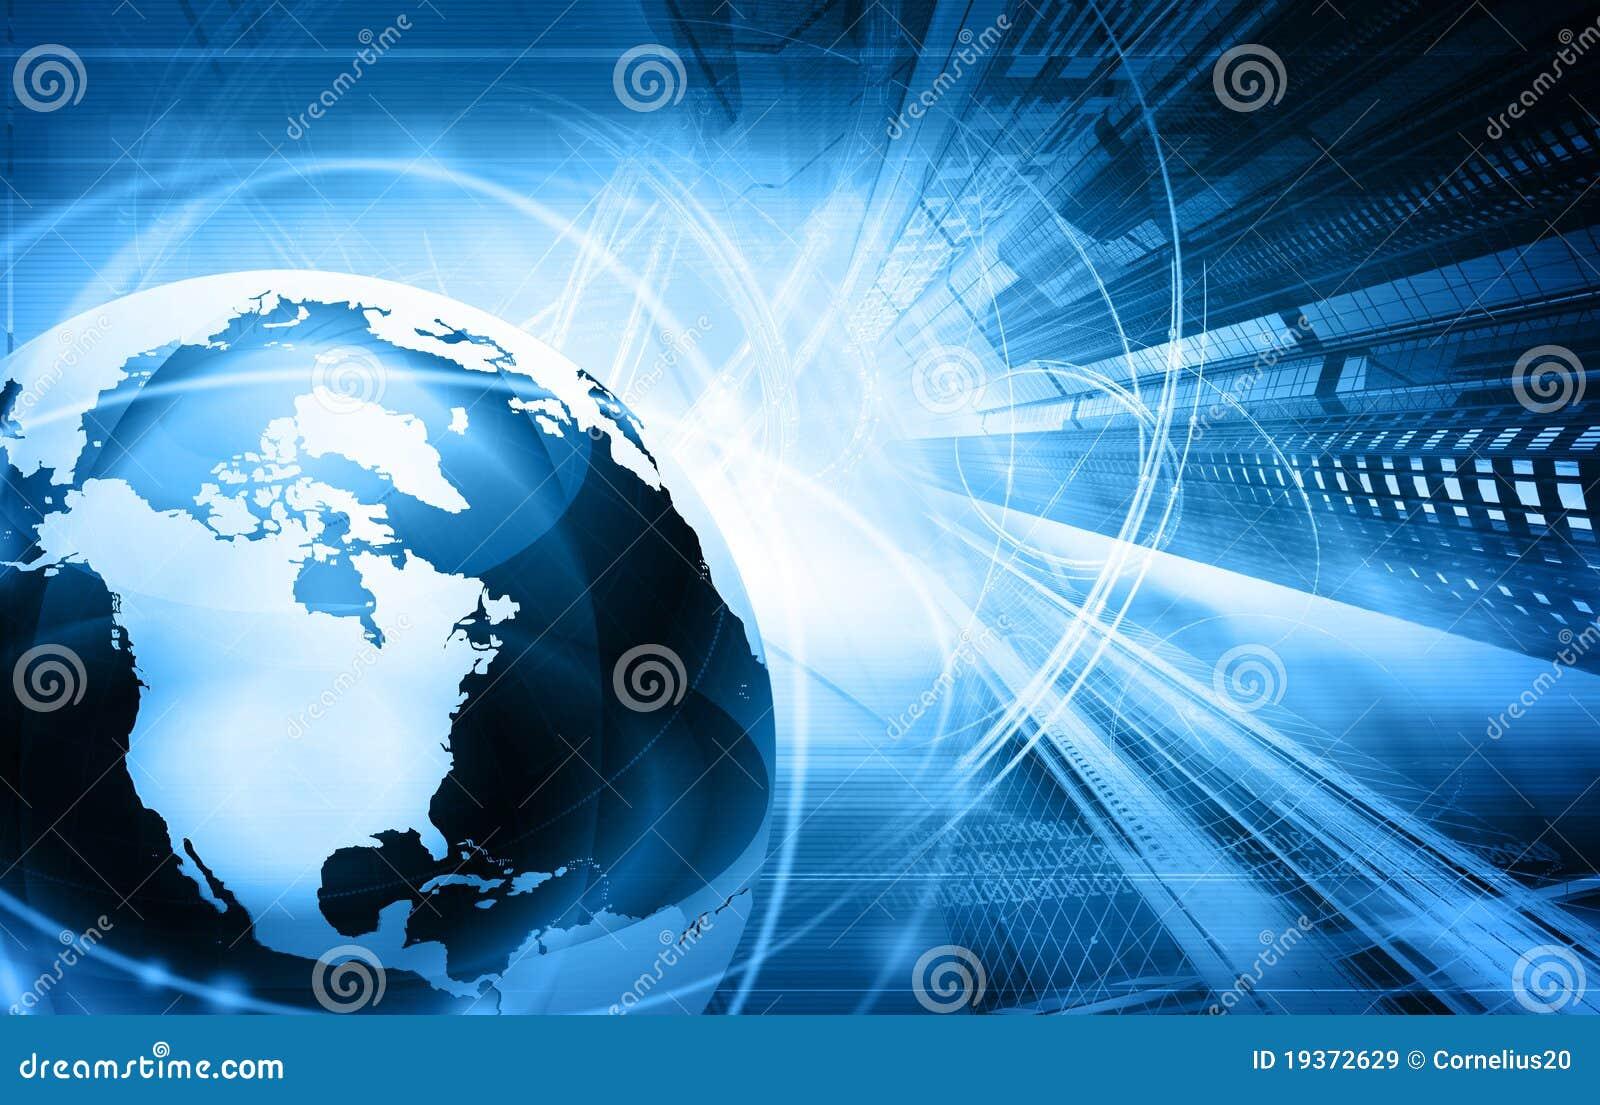 Blauwe wereldkaart en wolkenkrabbers